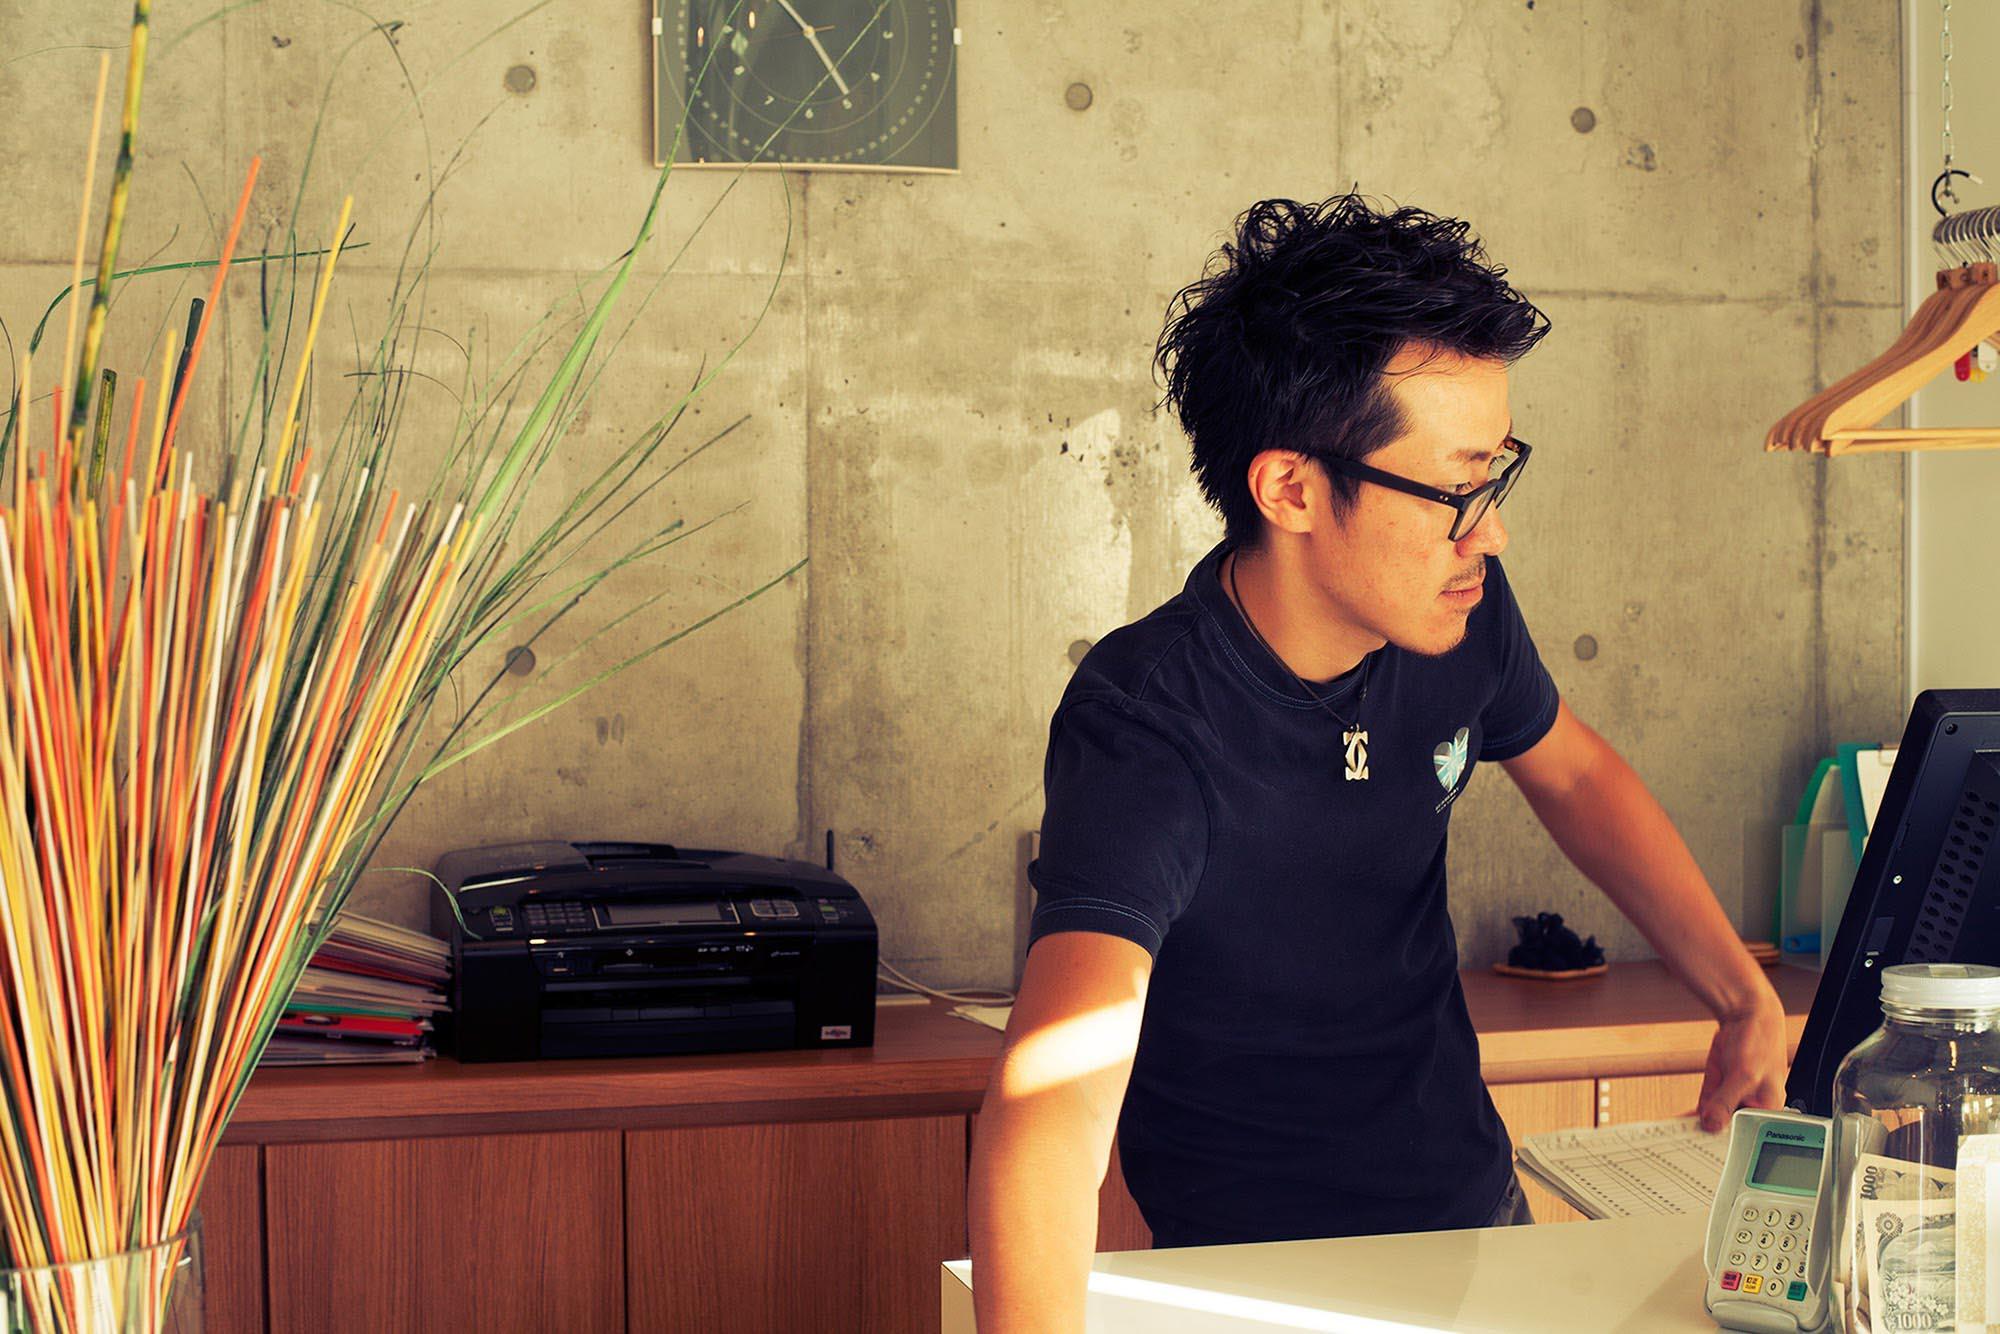 東京 八王子 高幡不動 美容室 中途 スタイリスト募集 美容師 募集